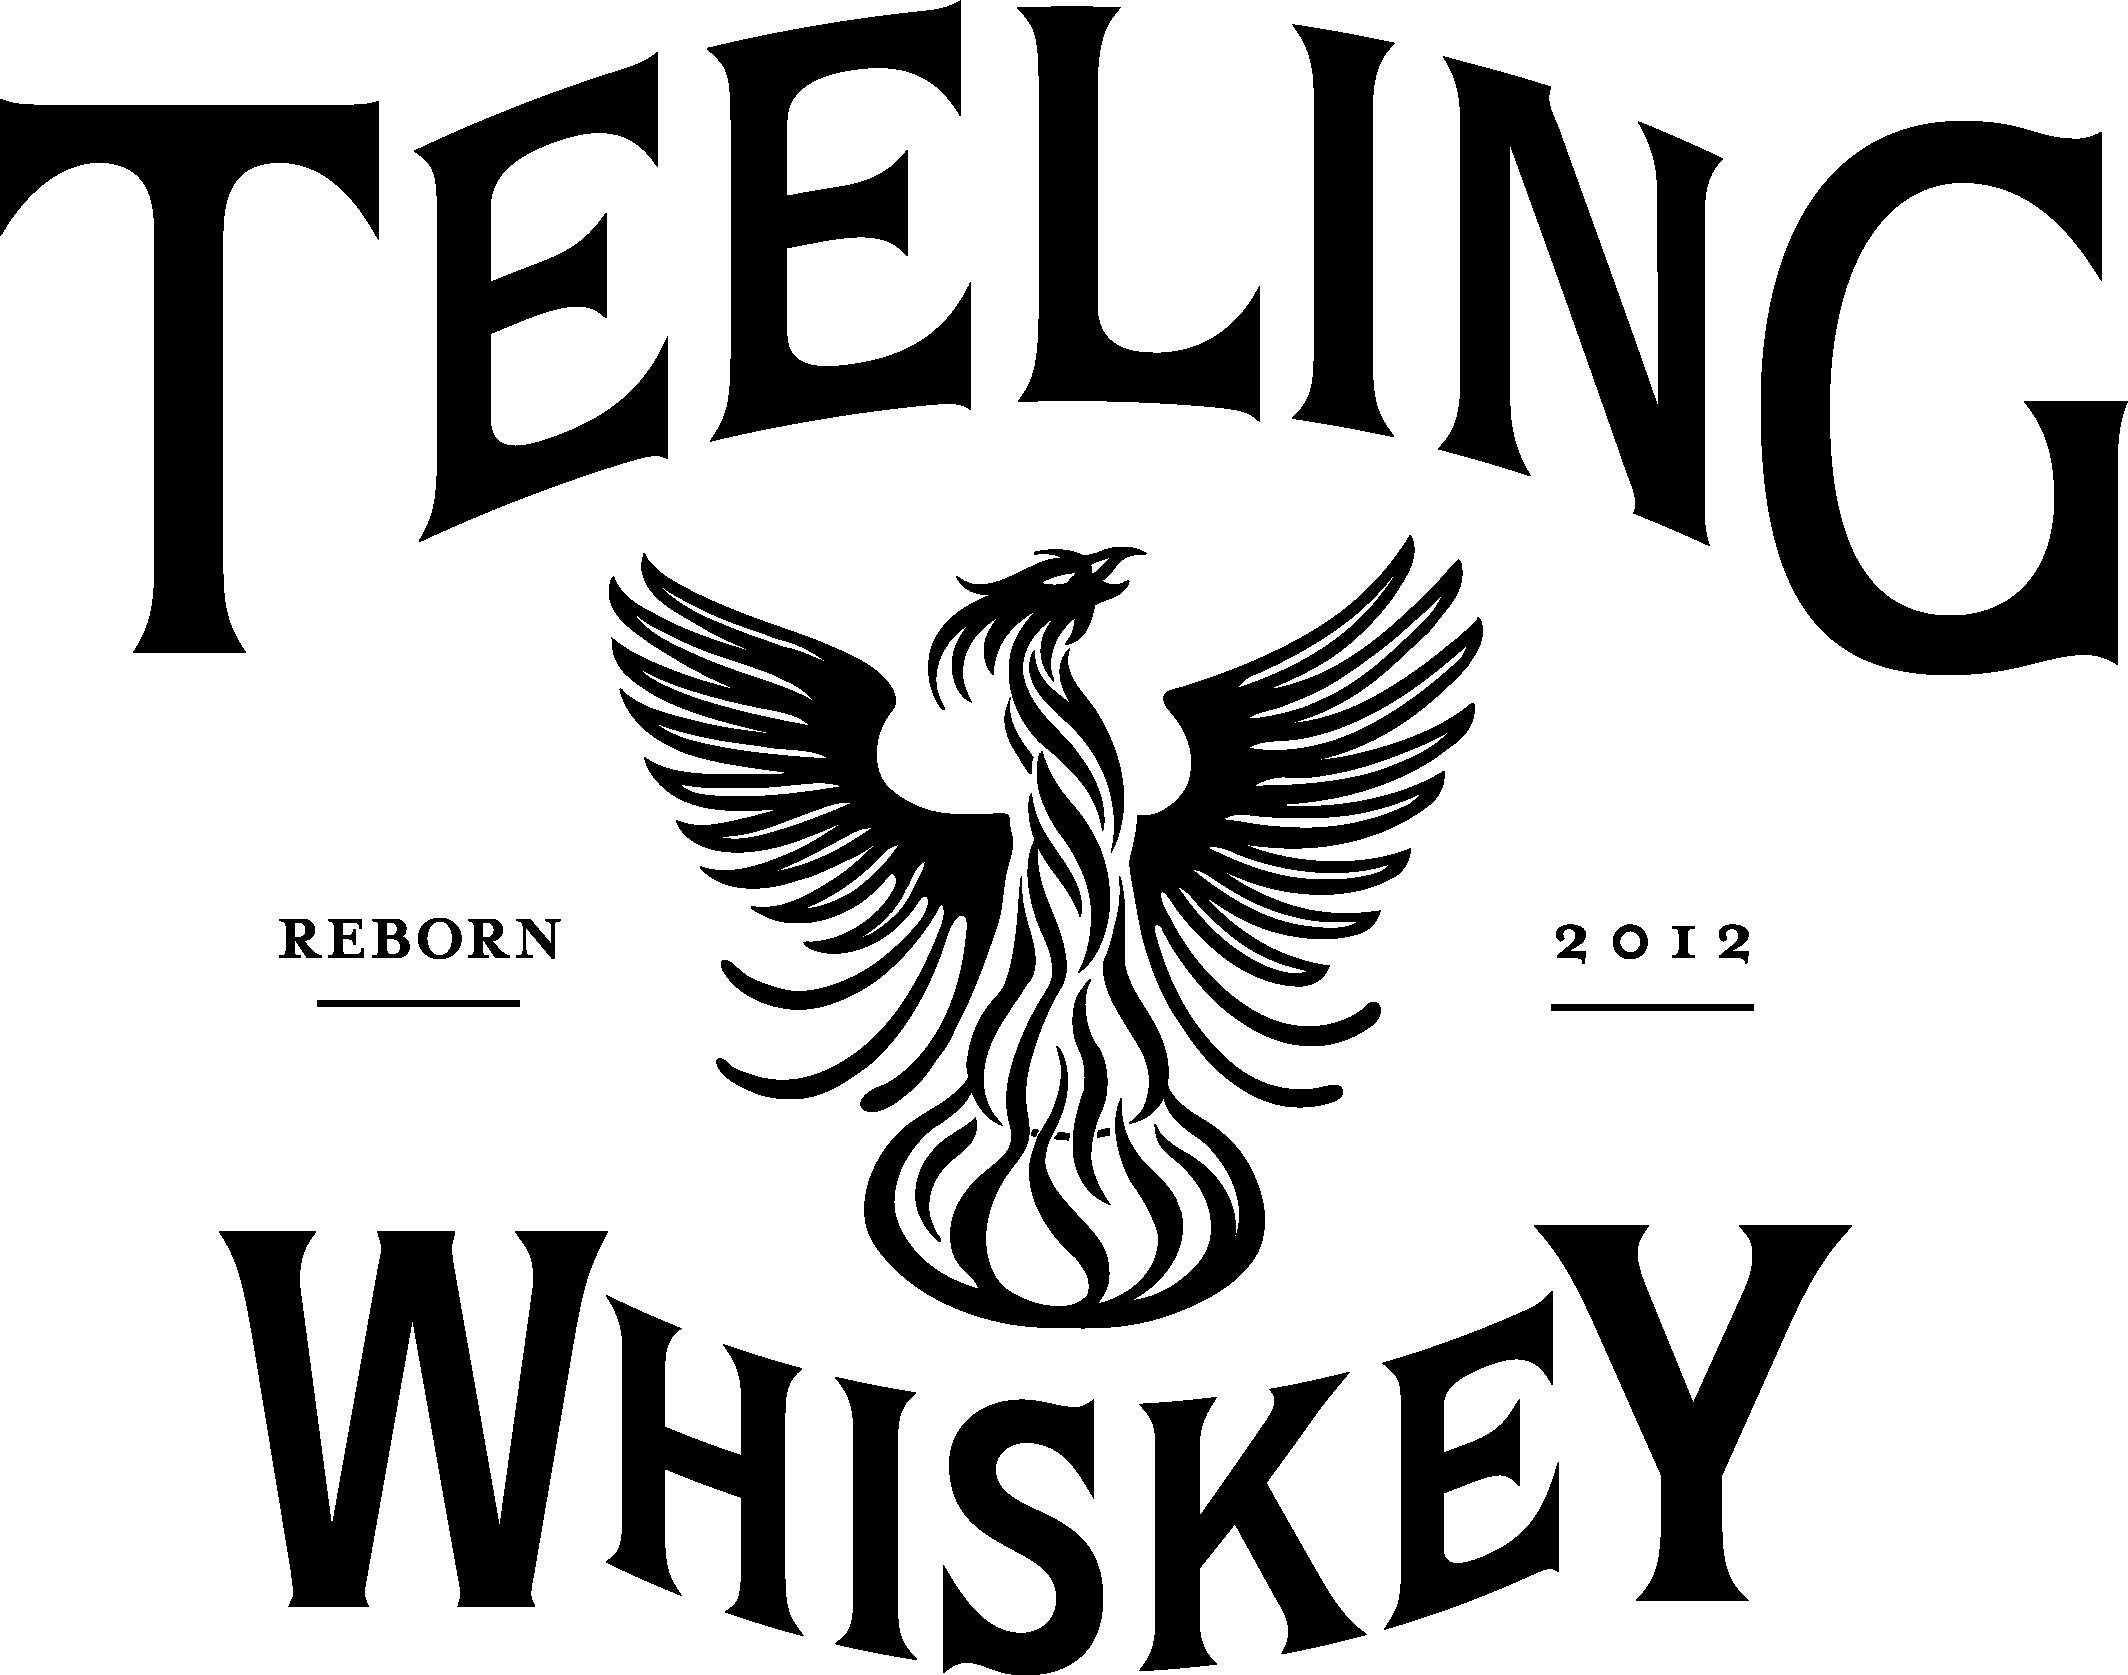 Image of Teeling Whiskey Company logotype